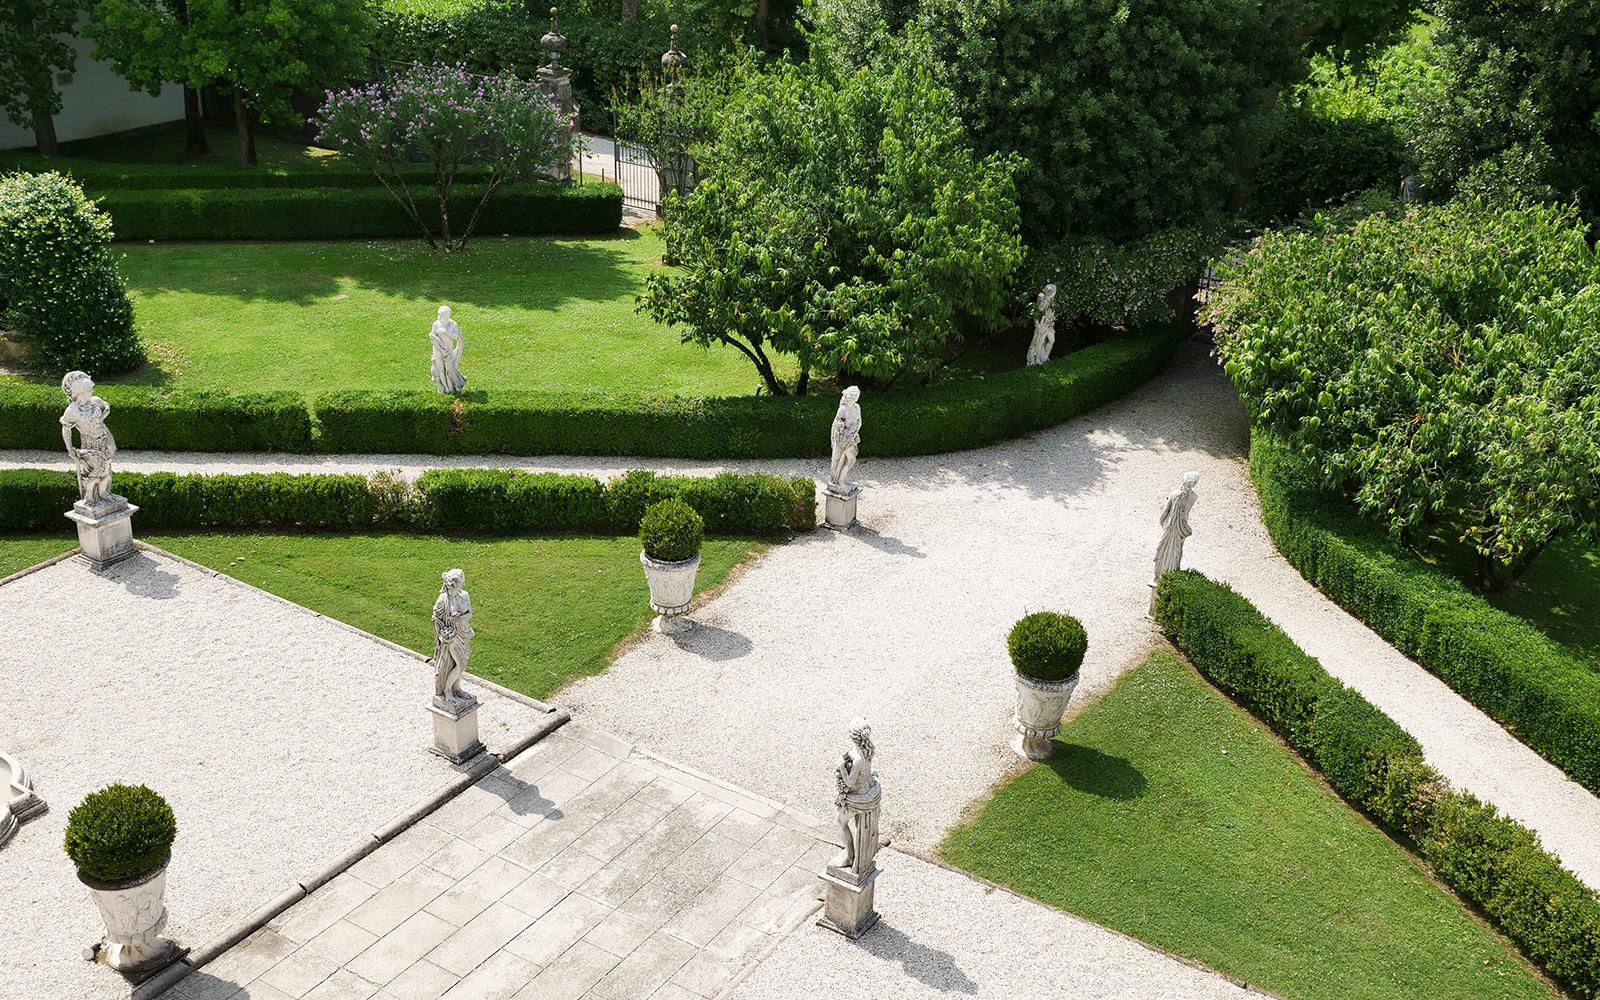 villa per eventi privati Padova, villa per feste private Vicenza, villa per feste private Padova, giardino esterno per eventi Vicenza